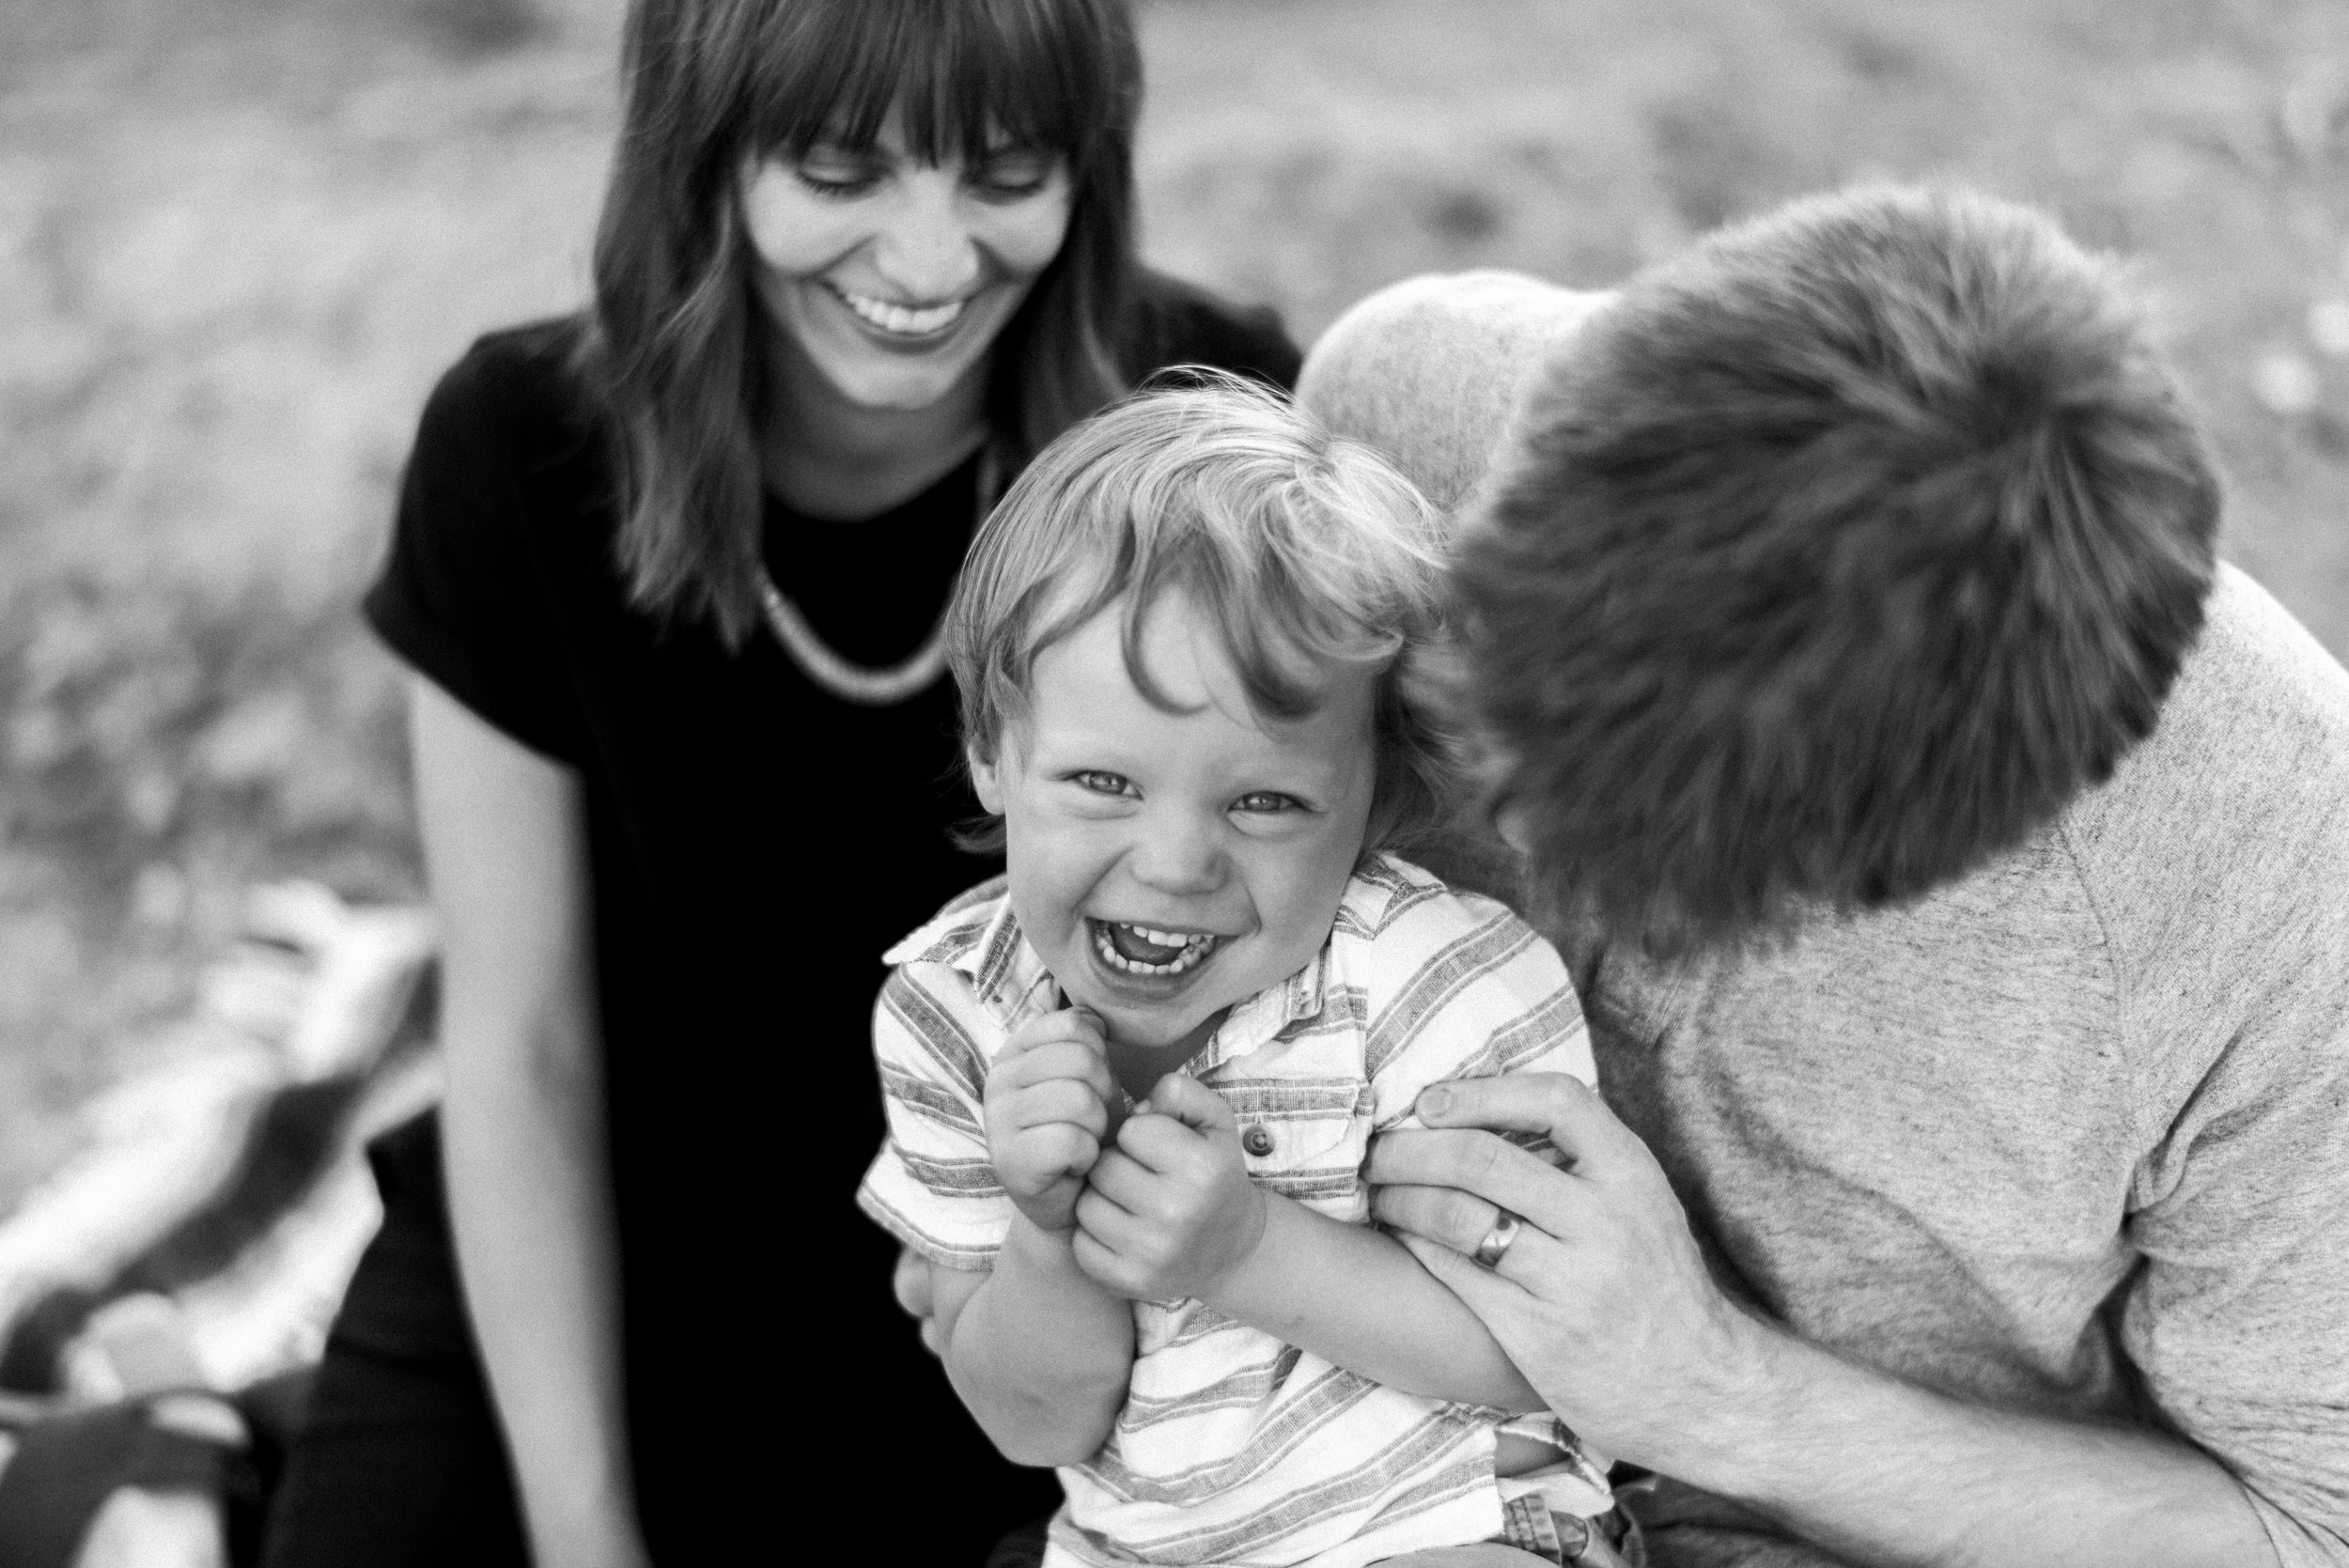 desert family photos utah alyssa sorenson-12.jpg